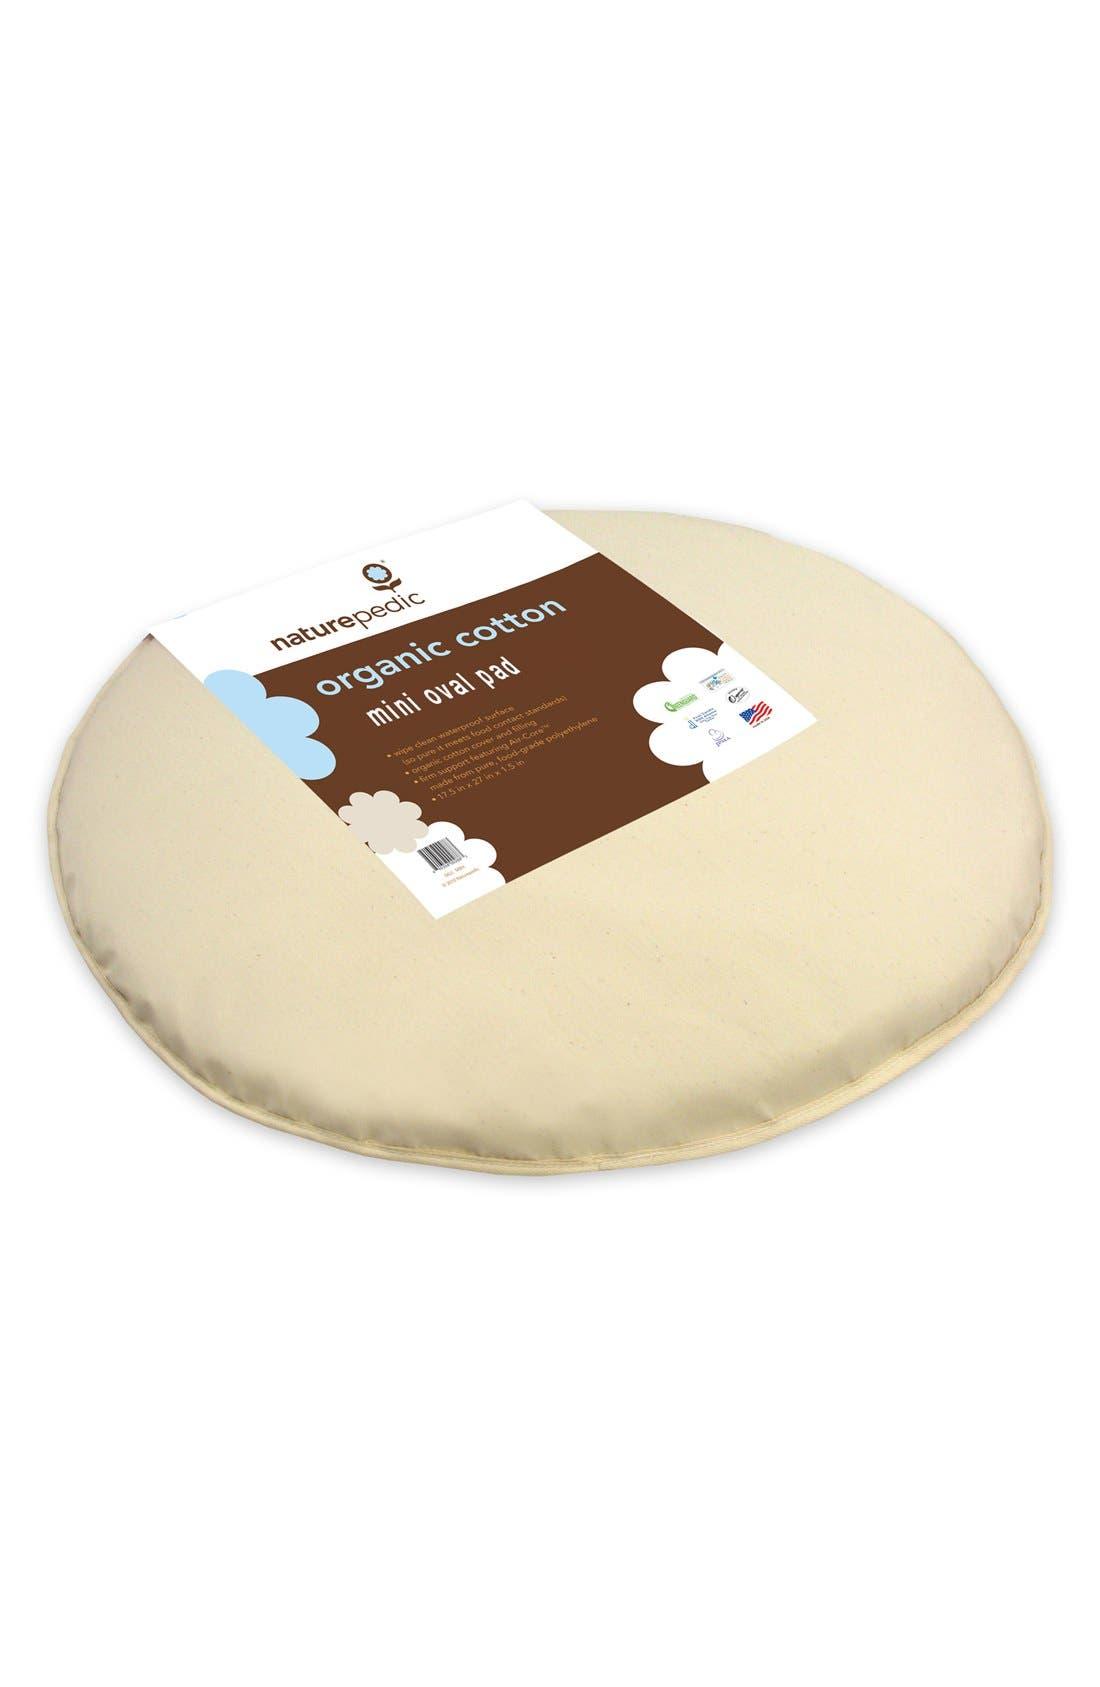 Organic Cotton Oval Mini Mattress Pad for Stokke Sleepi Mini,                             Main thumbnail 1, color,                             250